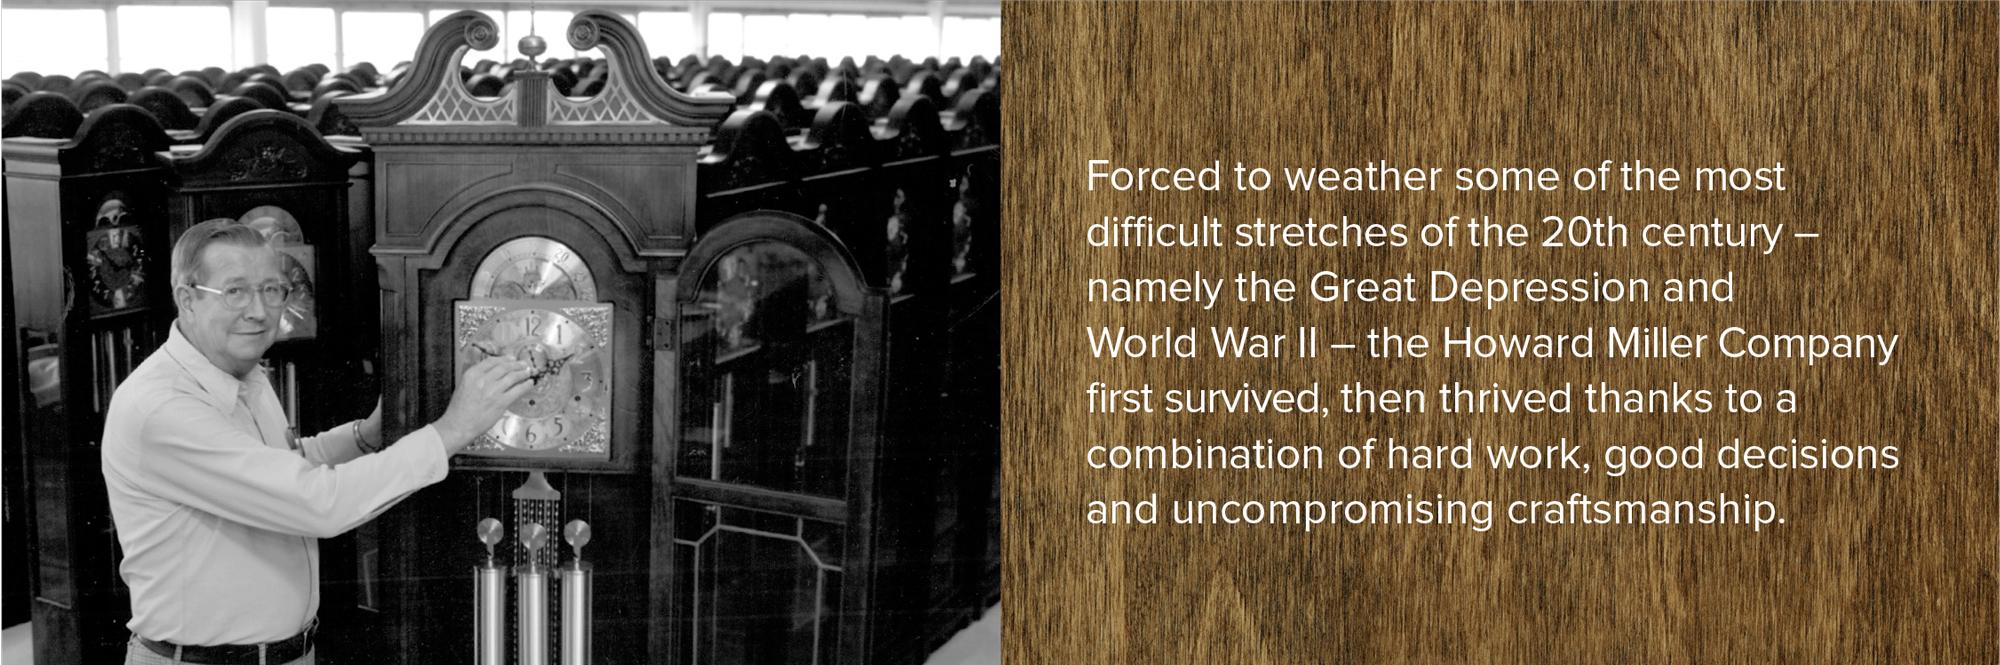 Howard Miller Survives The Great Depression